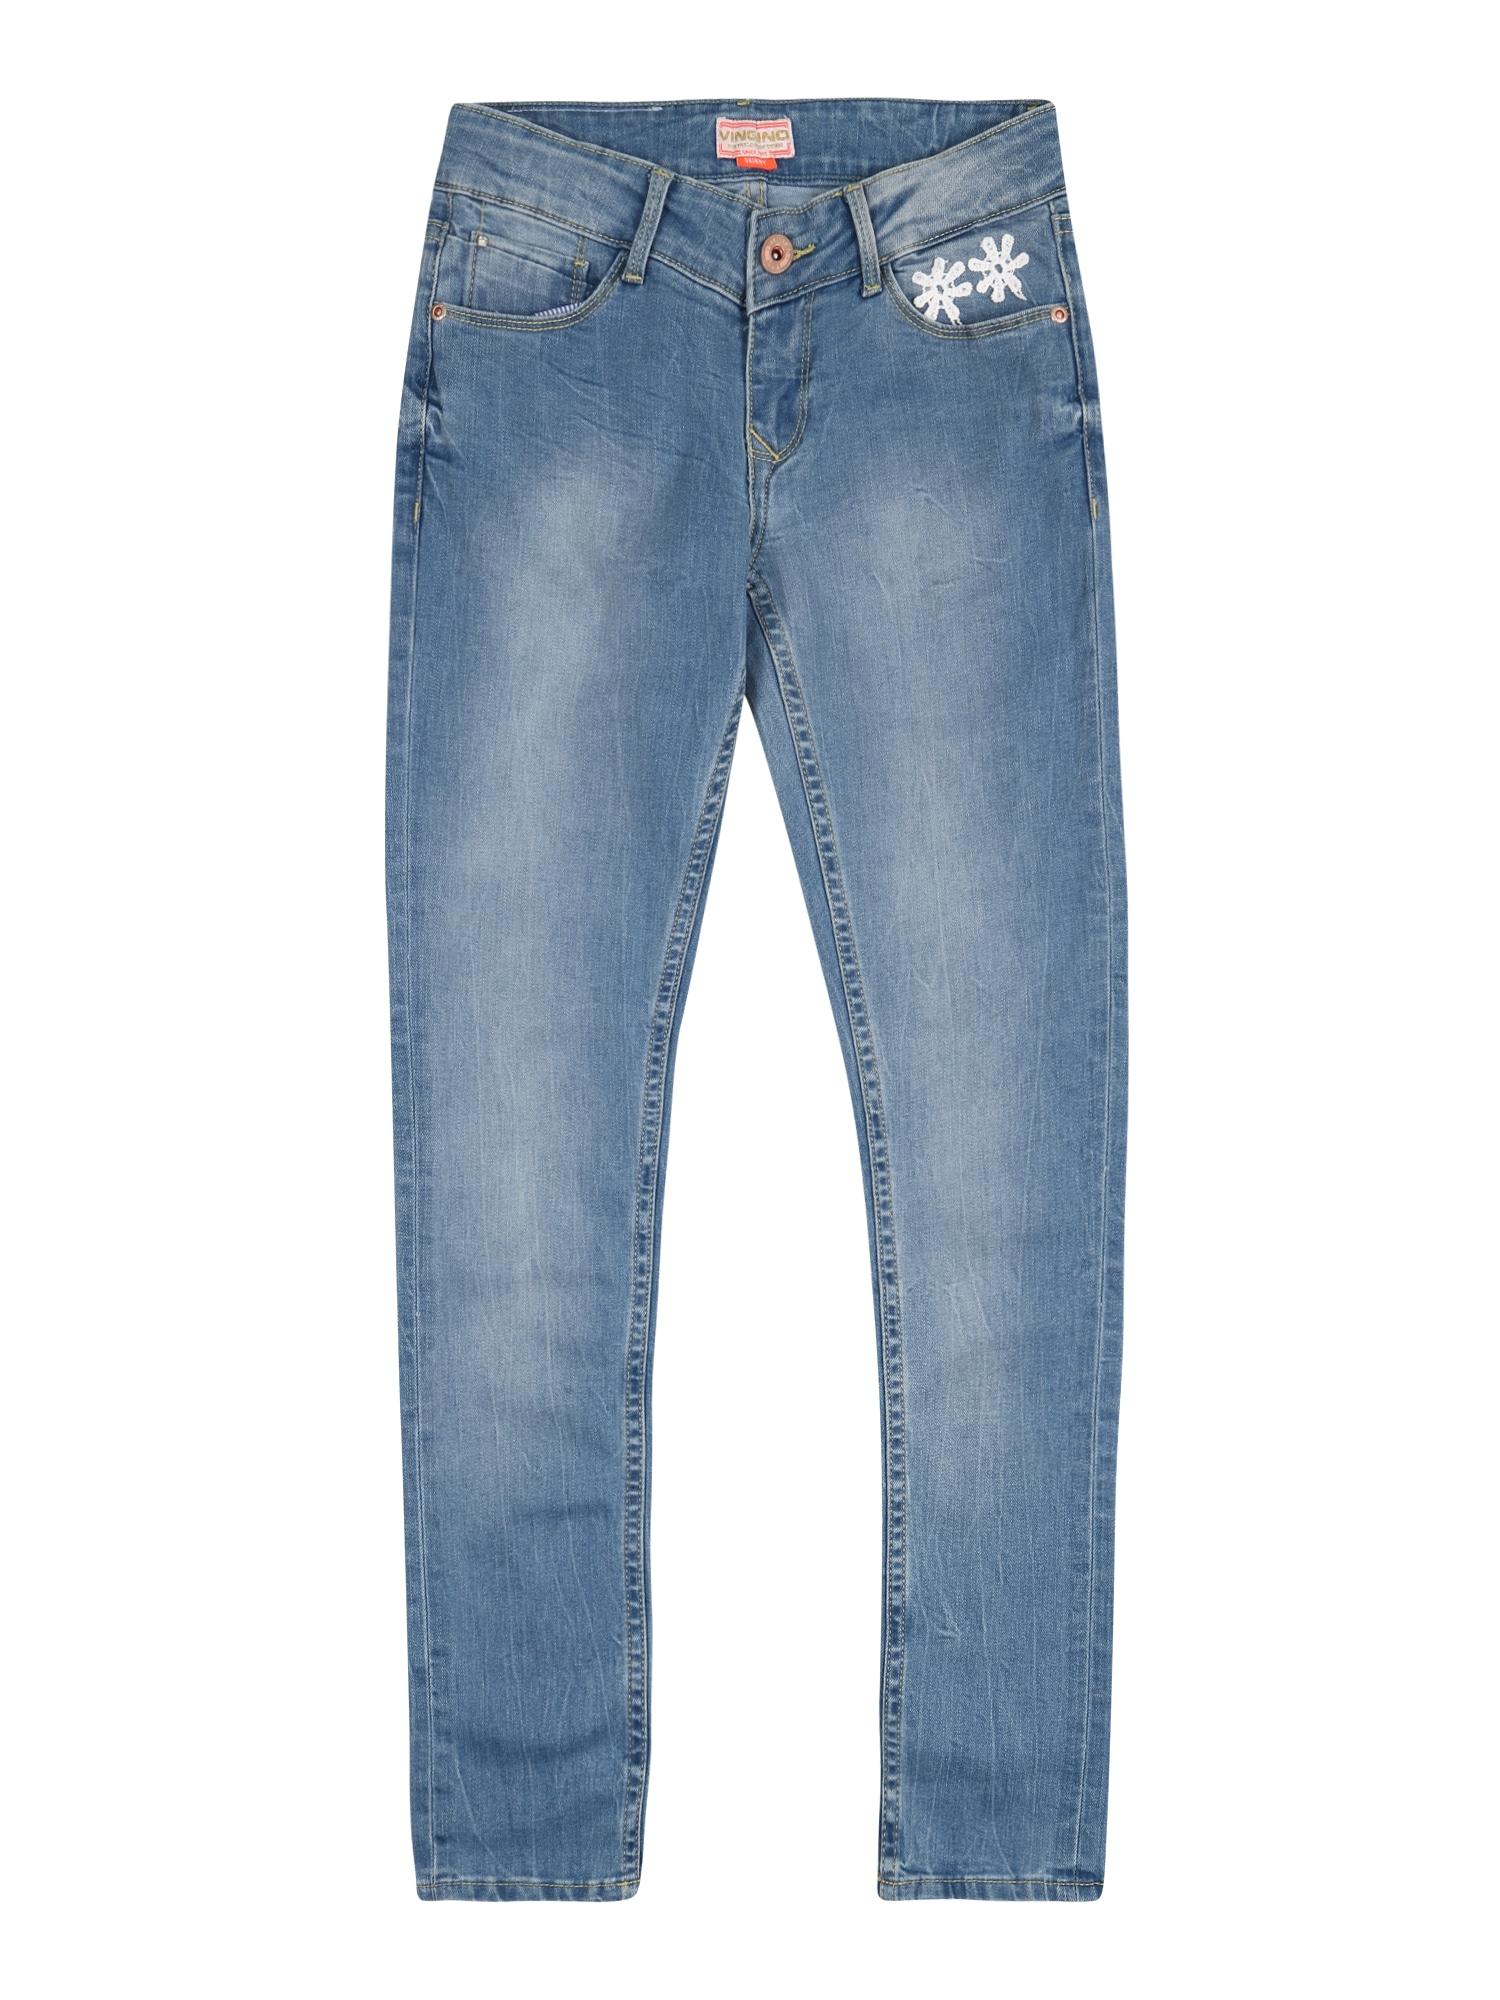 VINGINO Džinsai 'Allegria' tamsiai (džinso) mėlyna